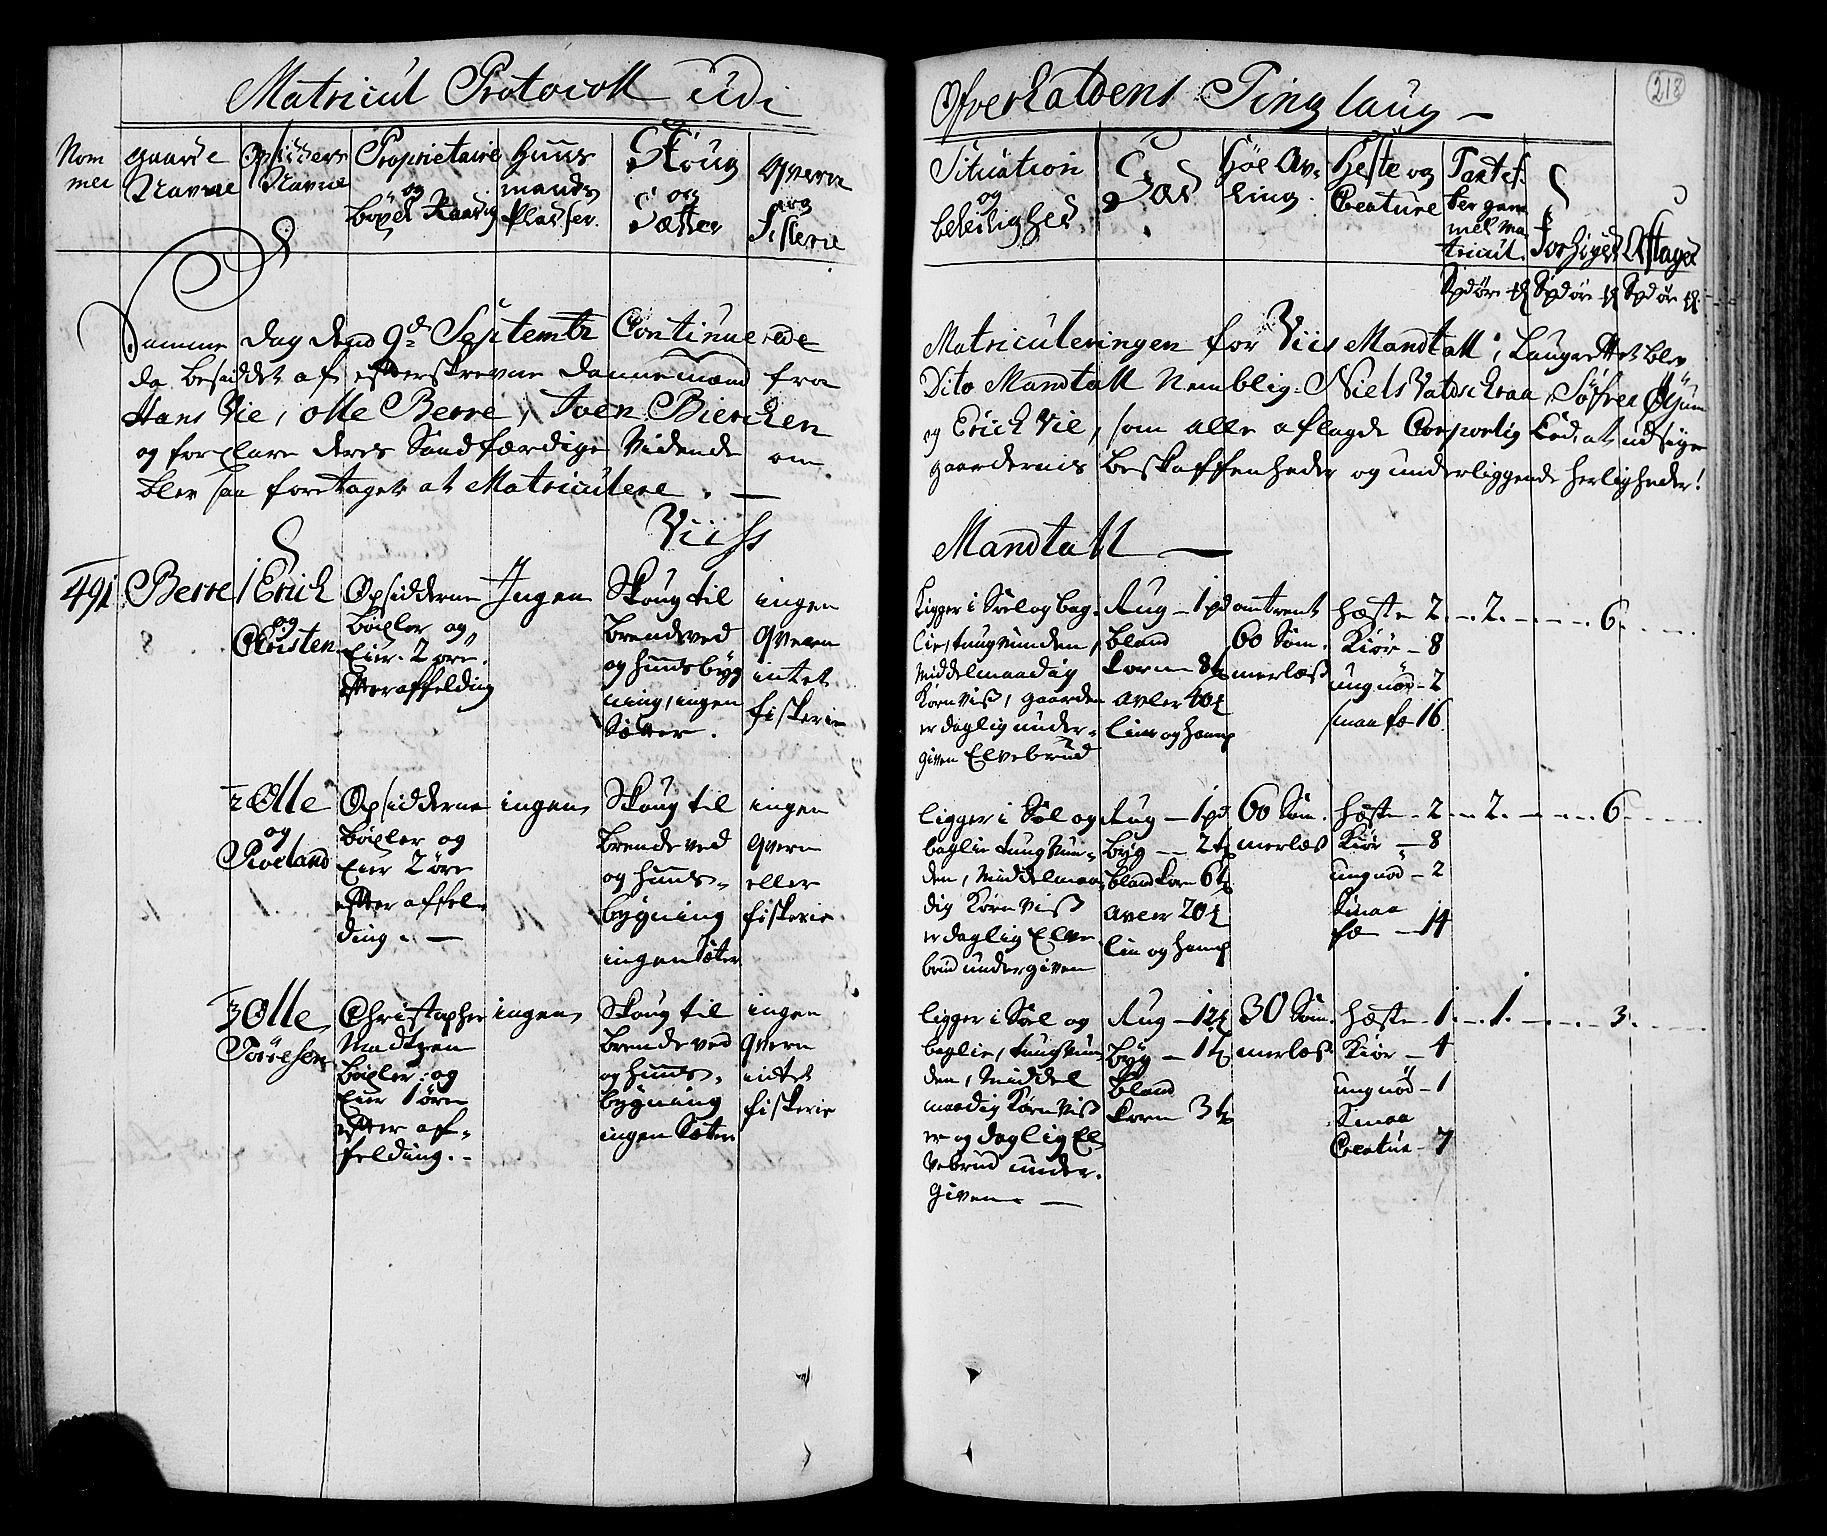 RA, Rentekammeret inntil 1814, Realistisk ordnet avdeling, N/Nb/Nbf/L0168: Namdalen eksaminasjonsprotokoll, 1723, s. 217b-218a